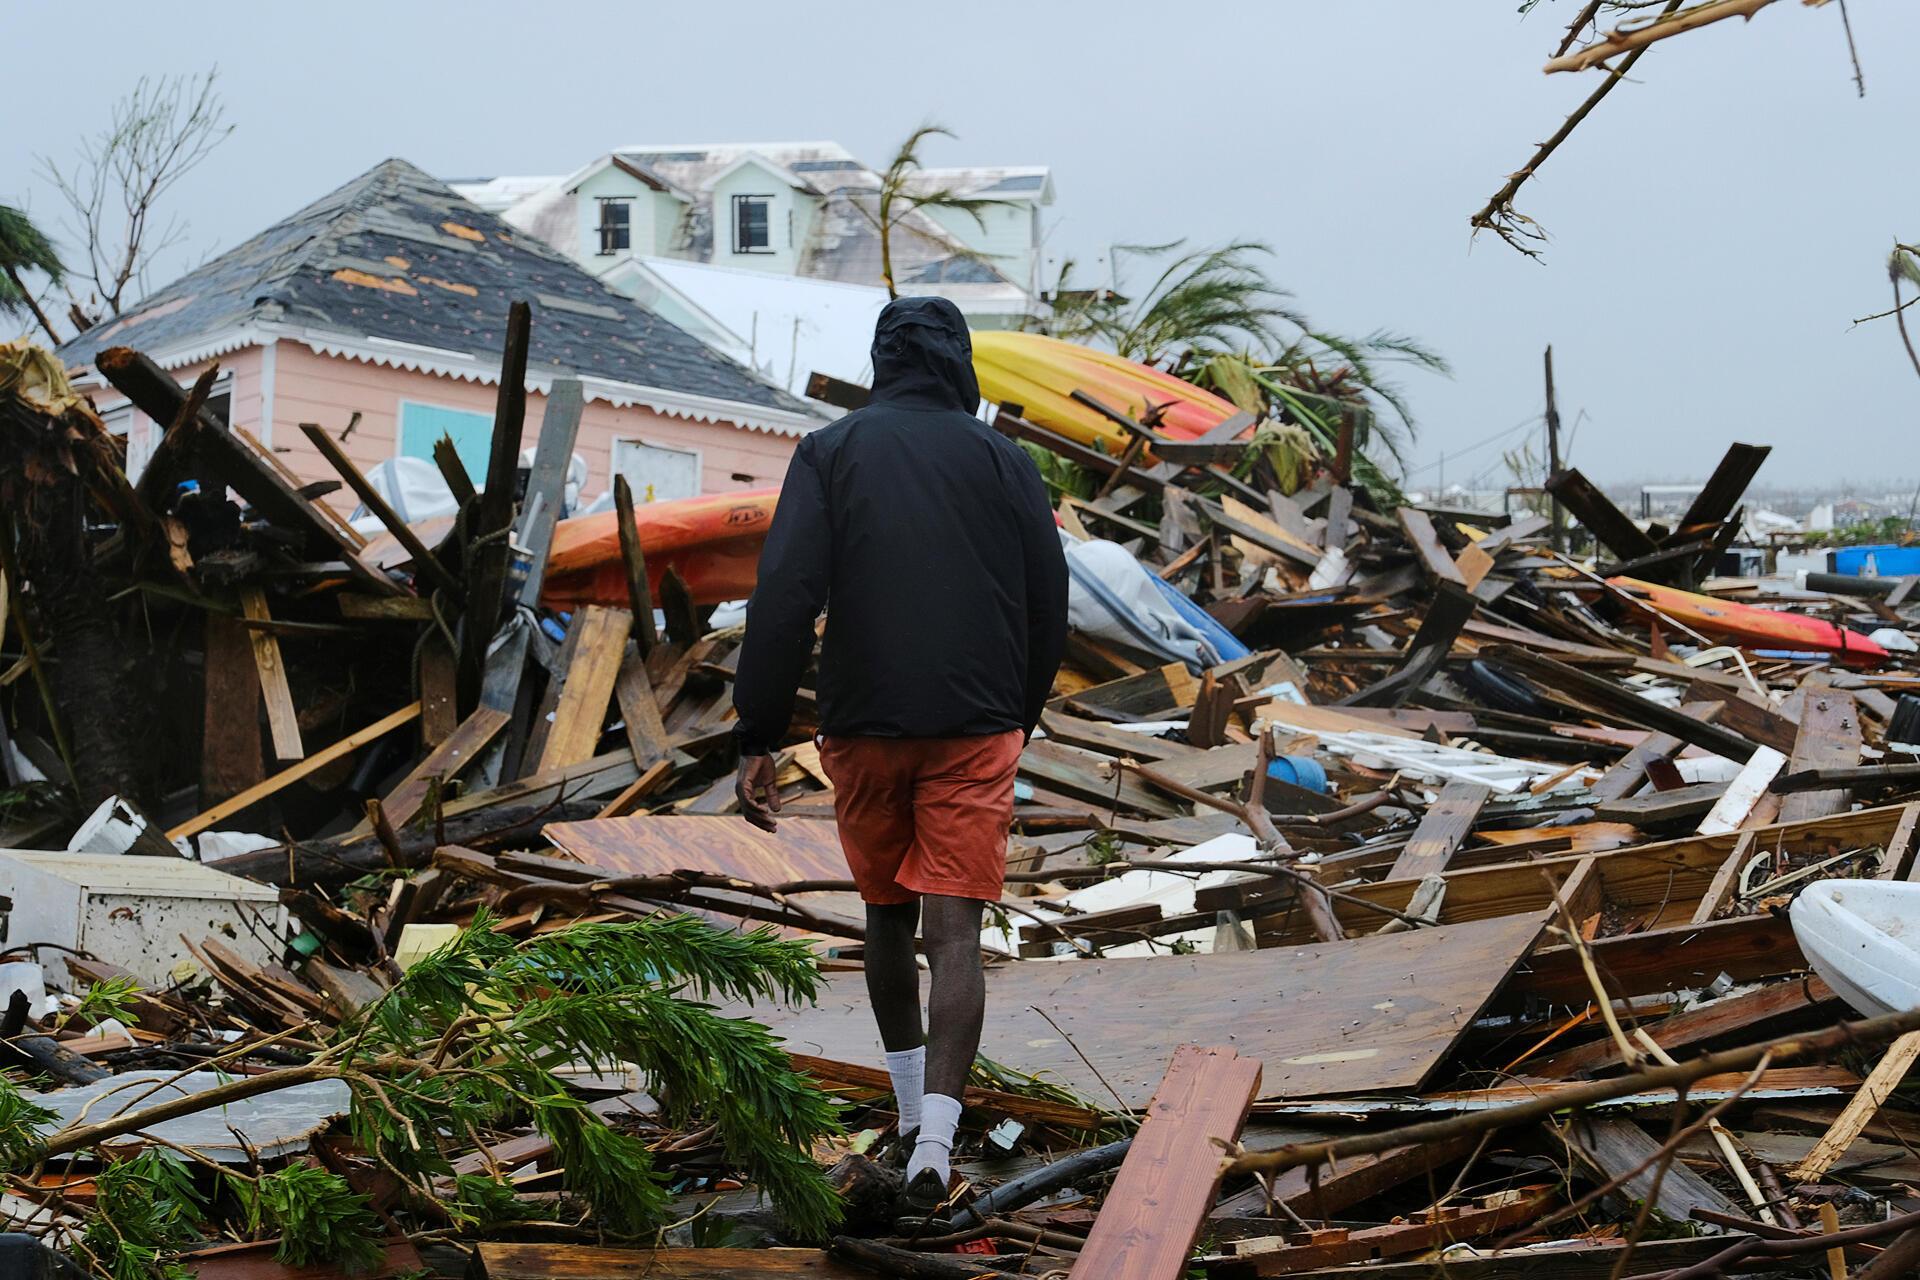 Un homme traverse les décombres après le passage de l'ouragan Dorian sur la ville de Marsh Harbour, sur l'île du Grand Abaco, aux Bahamas, le 2 septembre 2019. (Photo d'illustration)